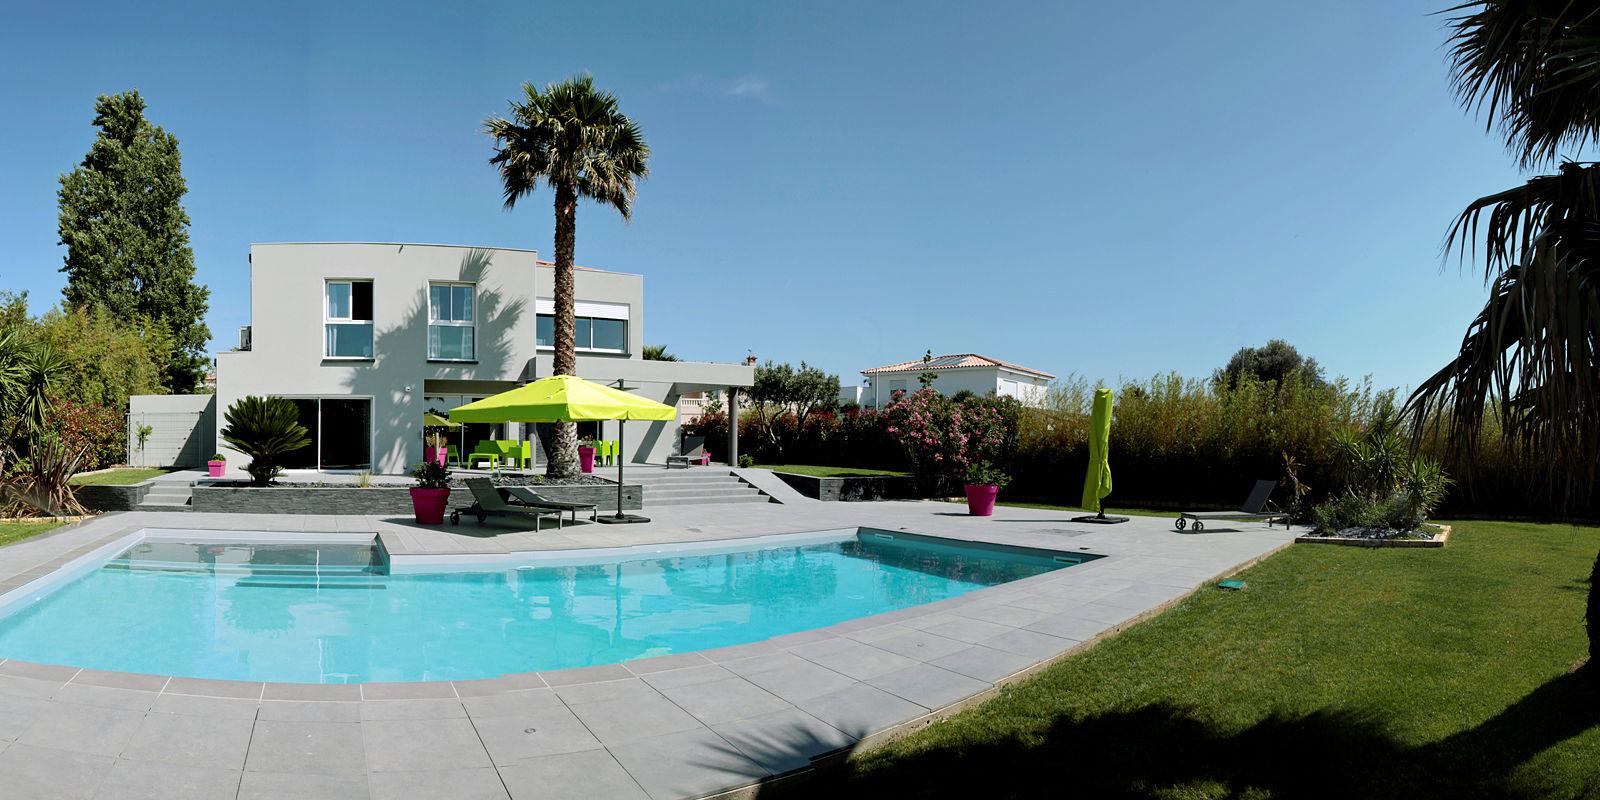 villa terres d oc vacances villa luxe perpignan. Black Bedroom Furniture Sets. Home Design Ideas